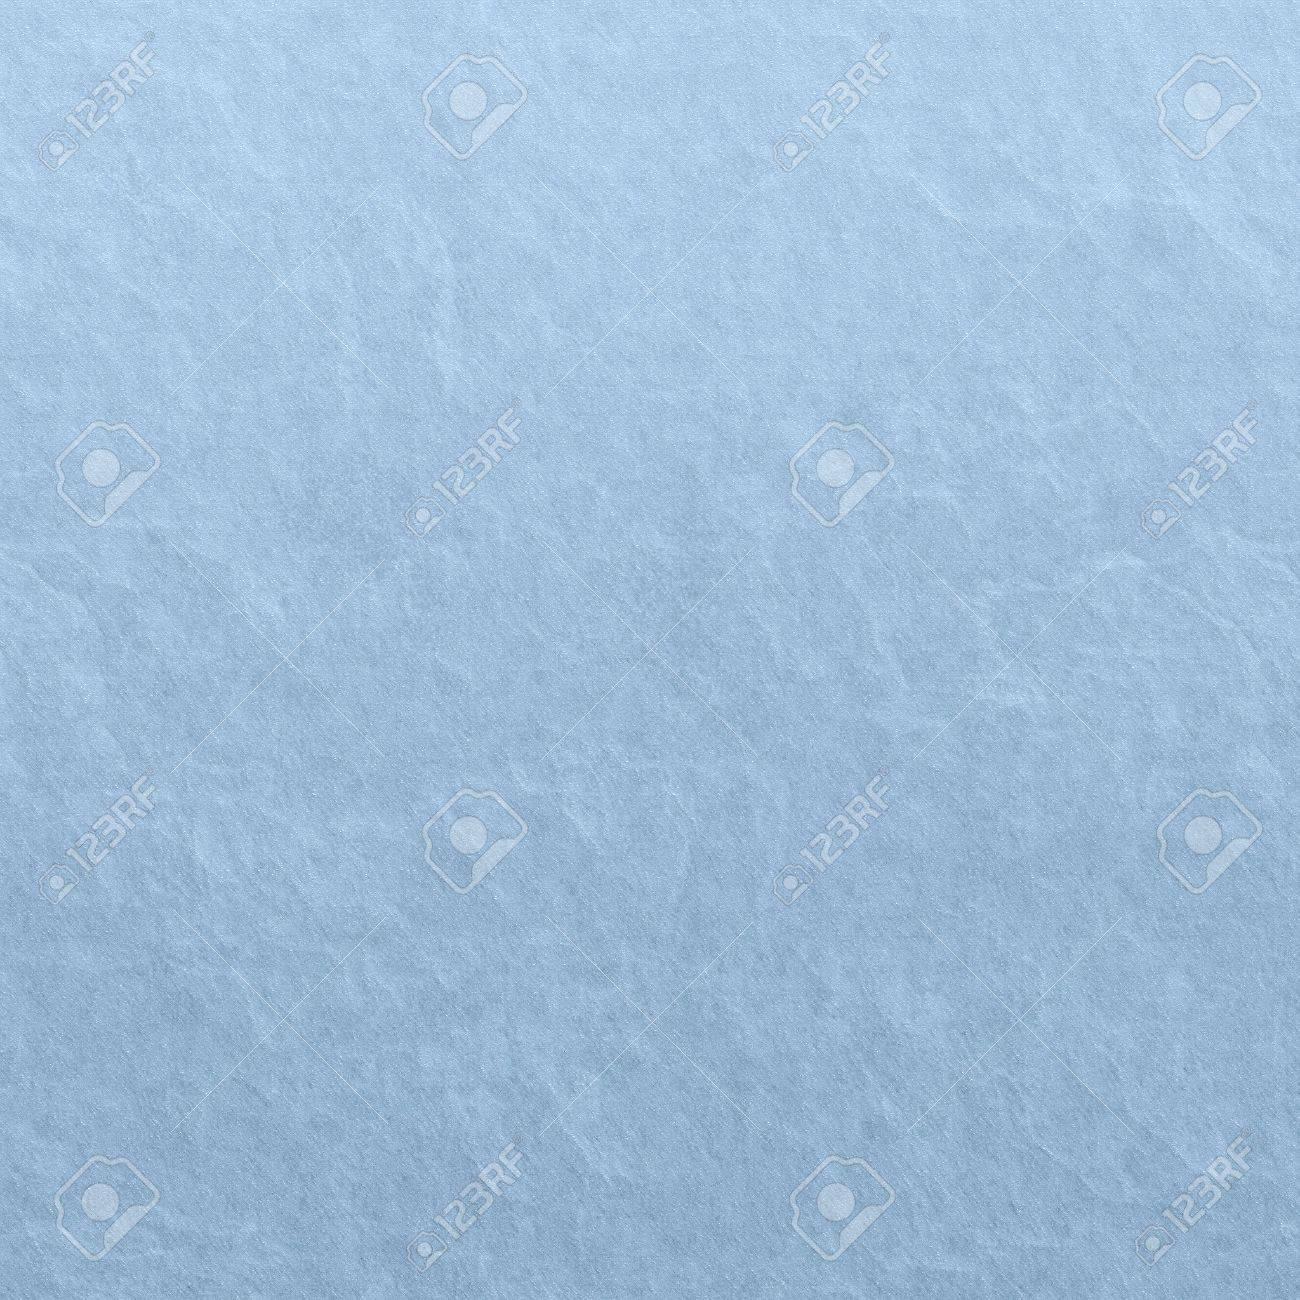 Light Placid Blue Vintage Grunge Paint Canvas Background Texture 1300x1300